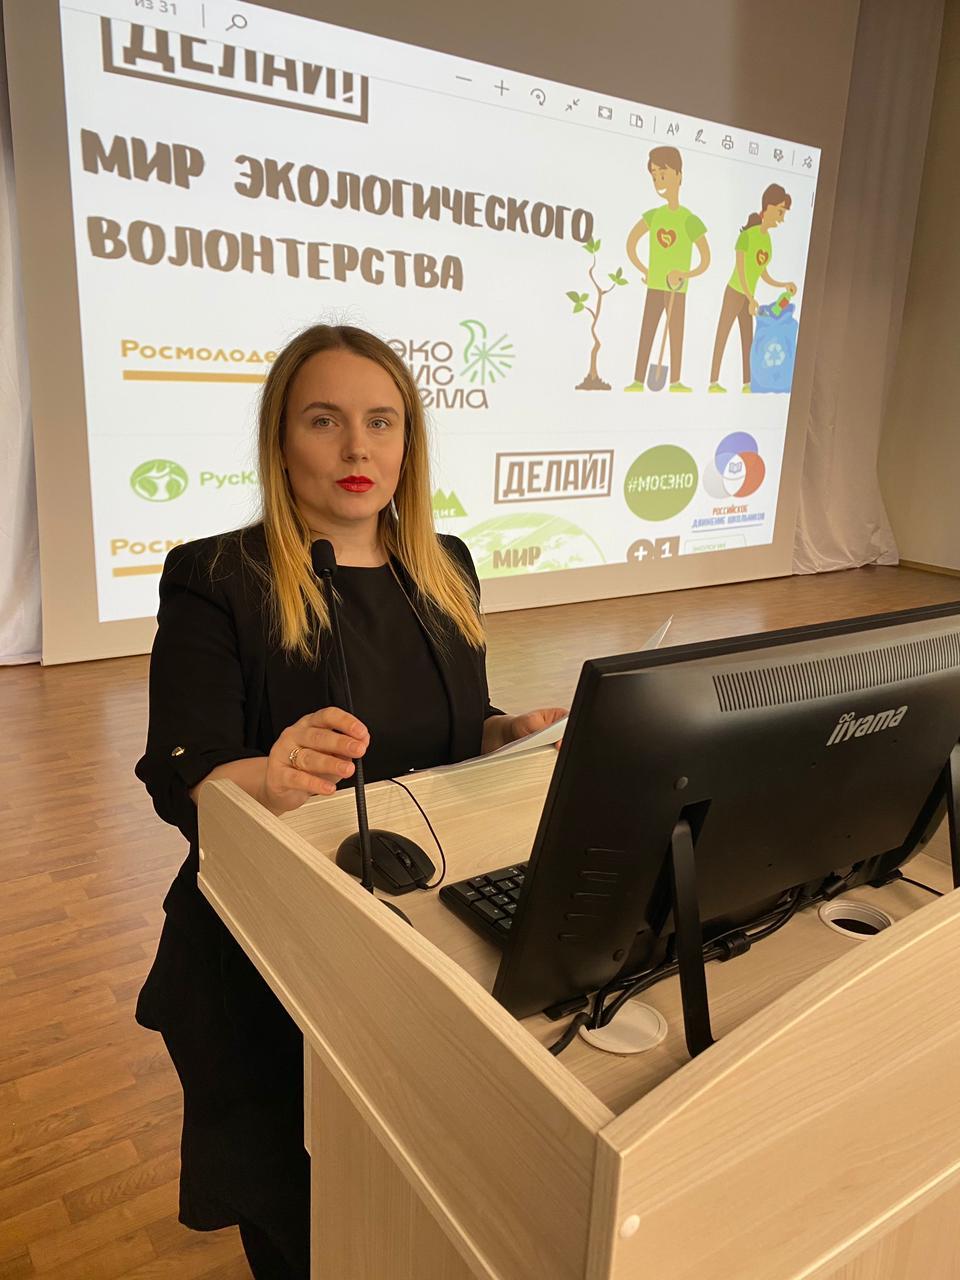 Дарья Украинцева, председатель Новосибирского регионального отделения Российского экологического общества в лице Украинцевой Дарьи приняла участие во Всероссийской акции, организованной Всероссийской организацией экологов-волонтёров «Делай!»